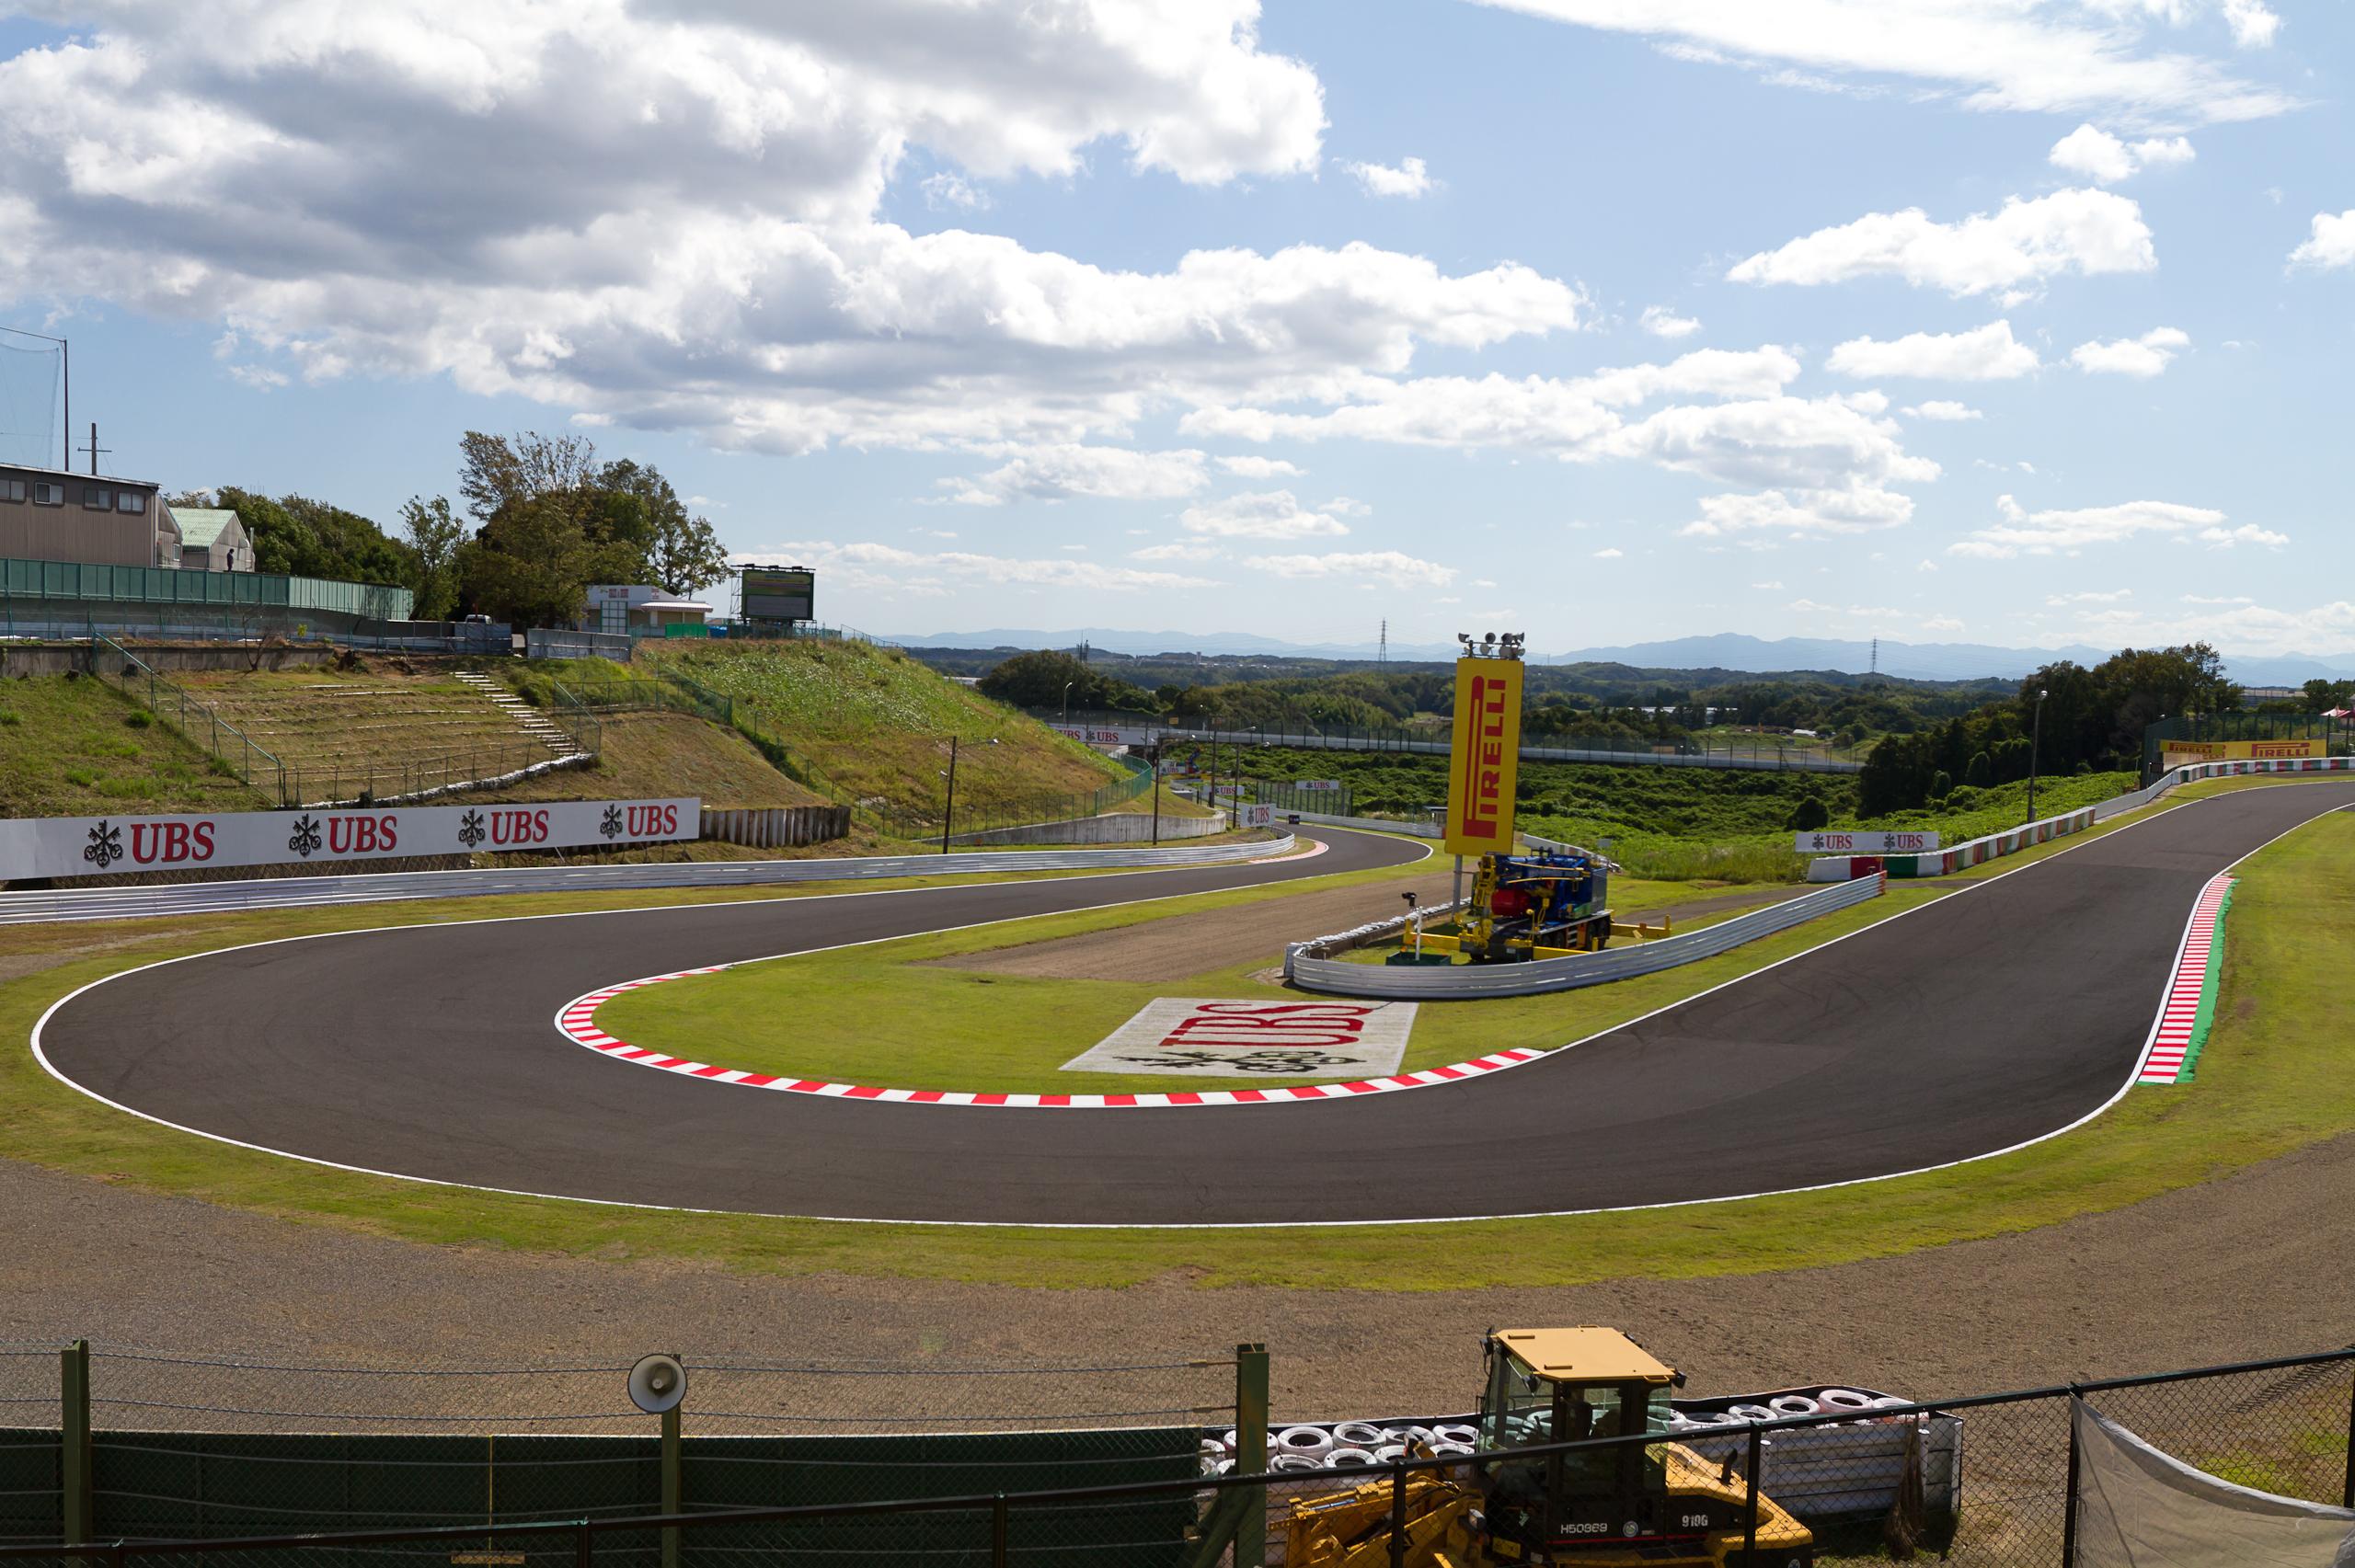 File:Suzuka Circuit 11th corner Hairpin 2011.jpg - Wikimedia Commons